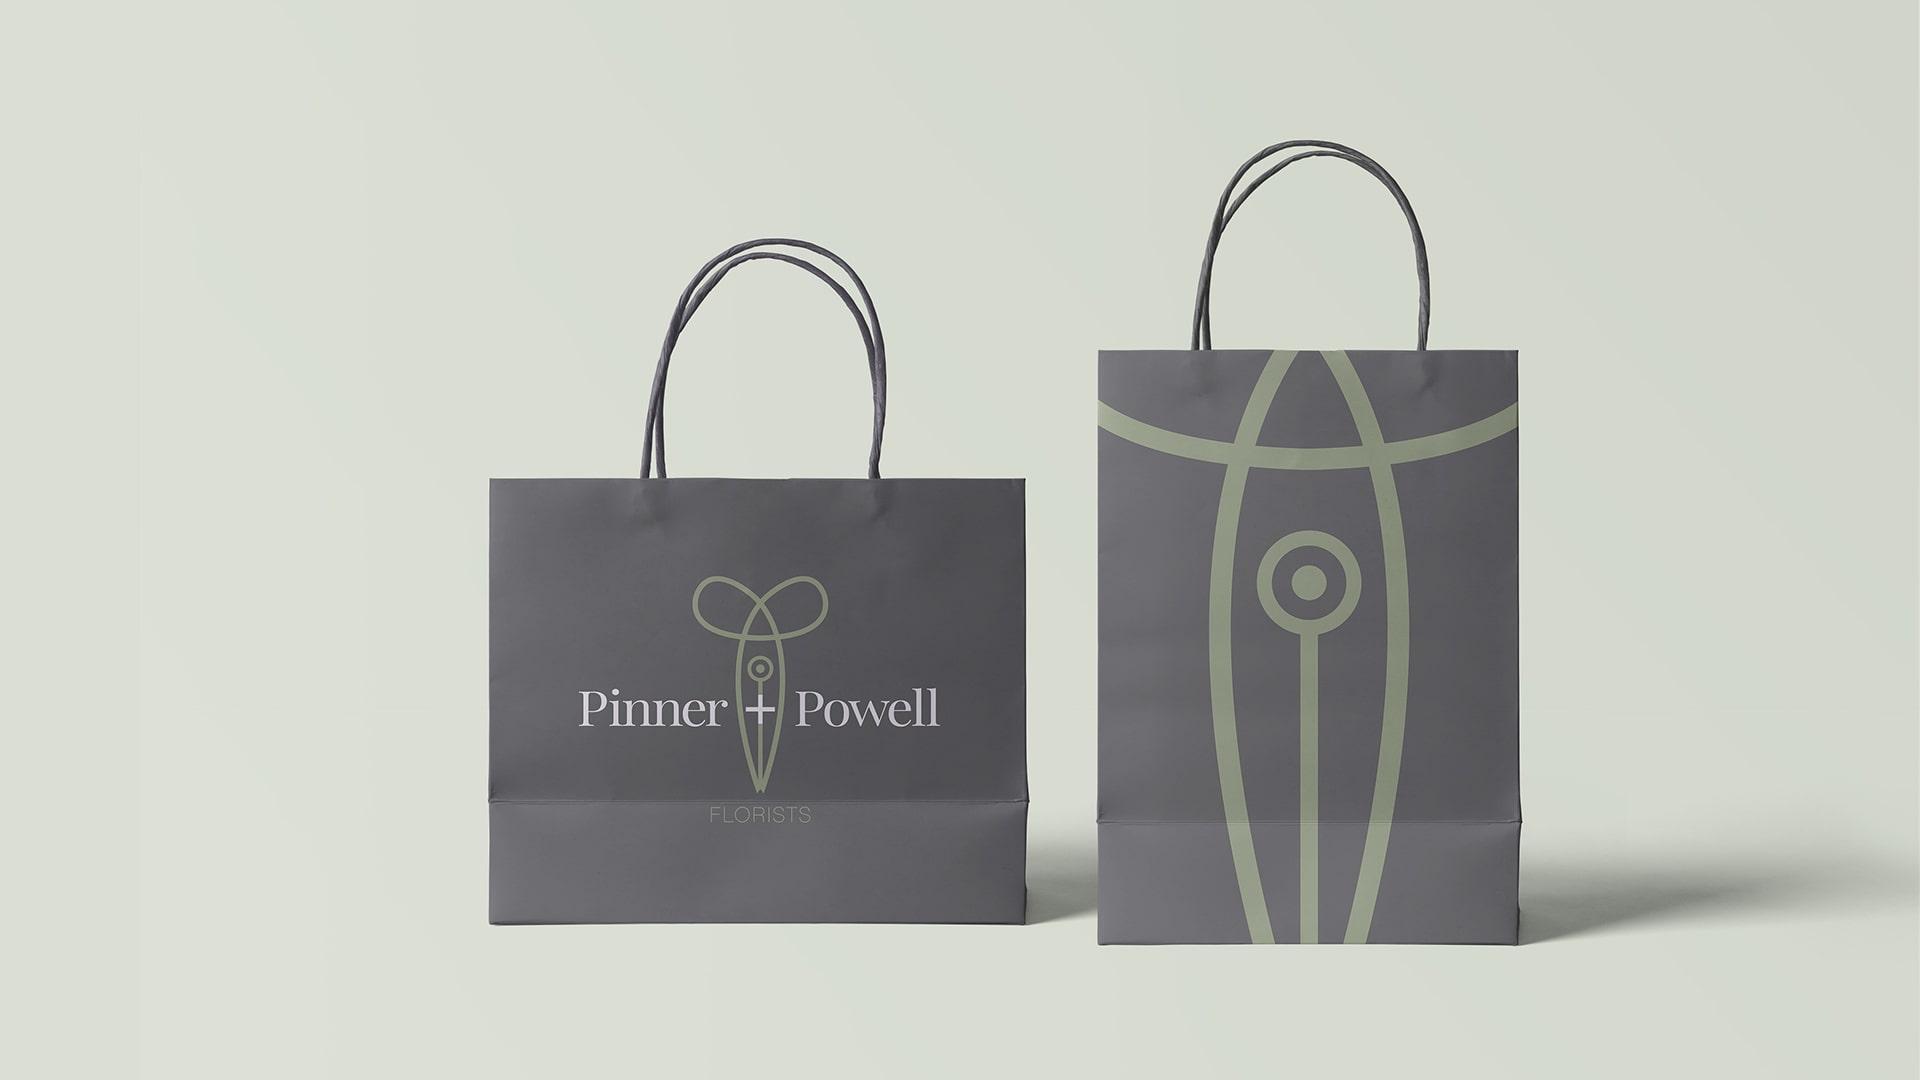 branded bag design